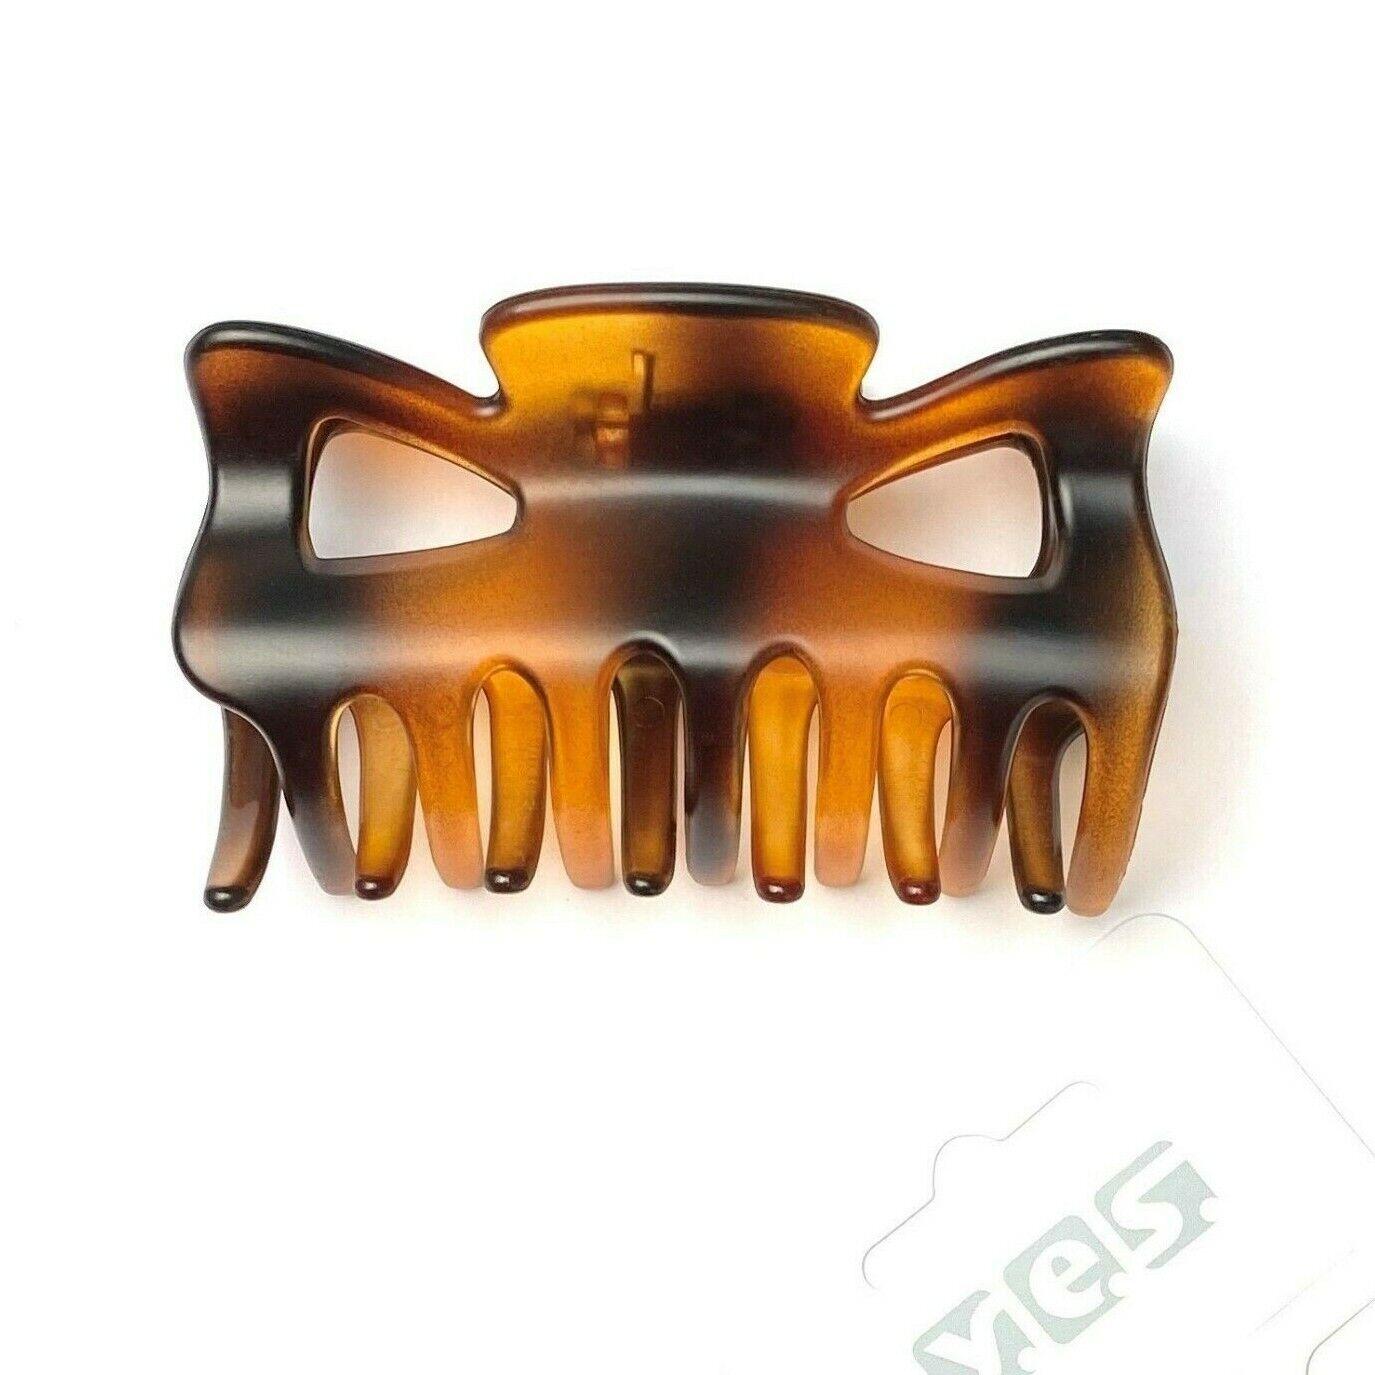 Haarkrebs Haarklammer Haarspange Haarkralle braun matt ca. 9 cm x 5,5 cm SOLIDA